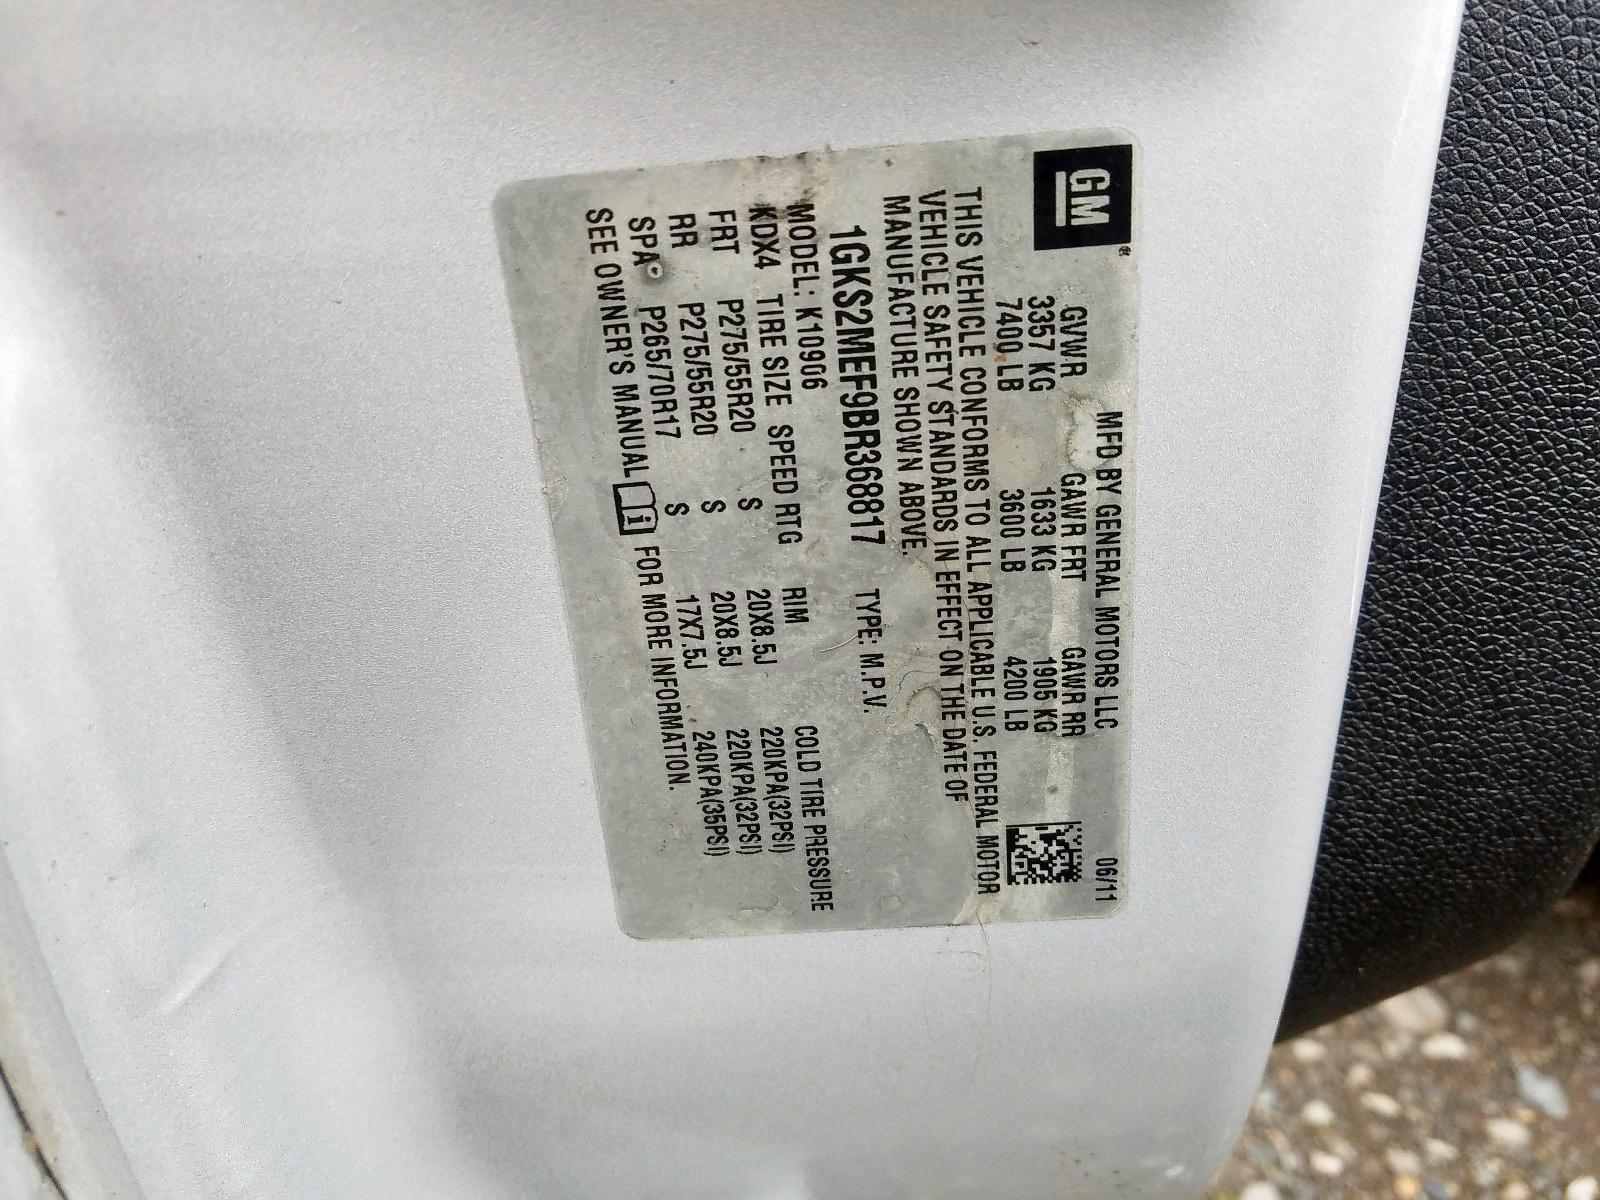 1GKS2MEF9BR368817 - 2011 Gmc Yukon Xl D 6.2L